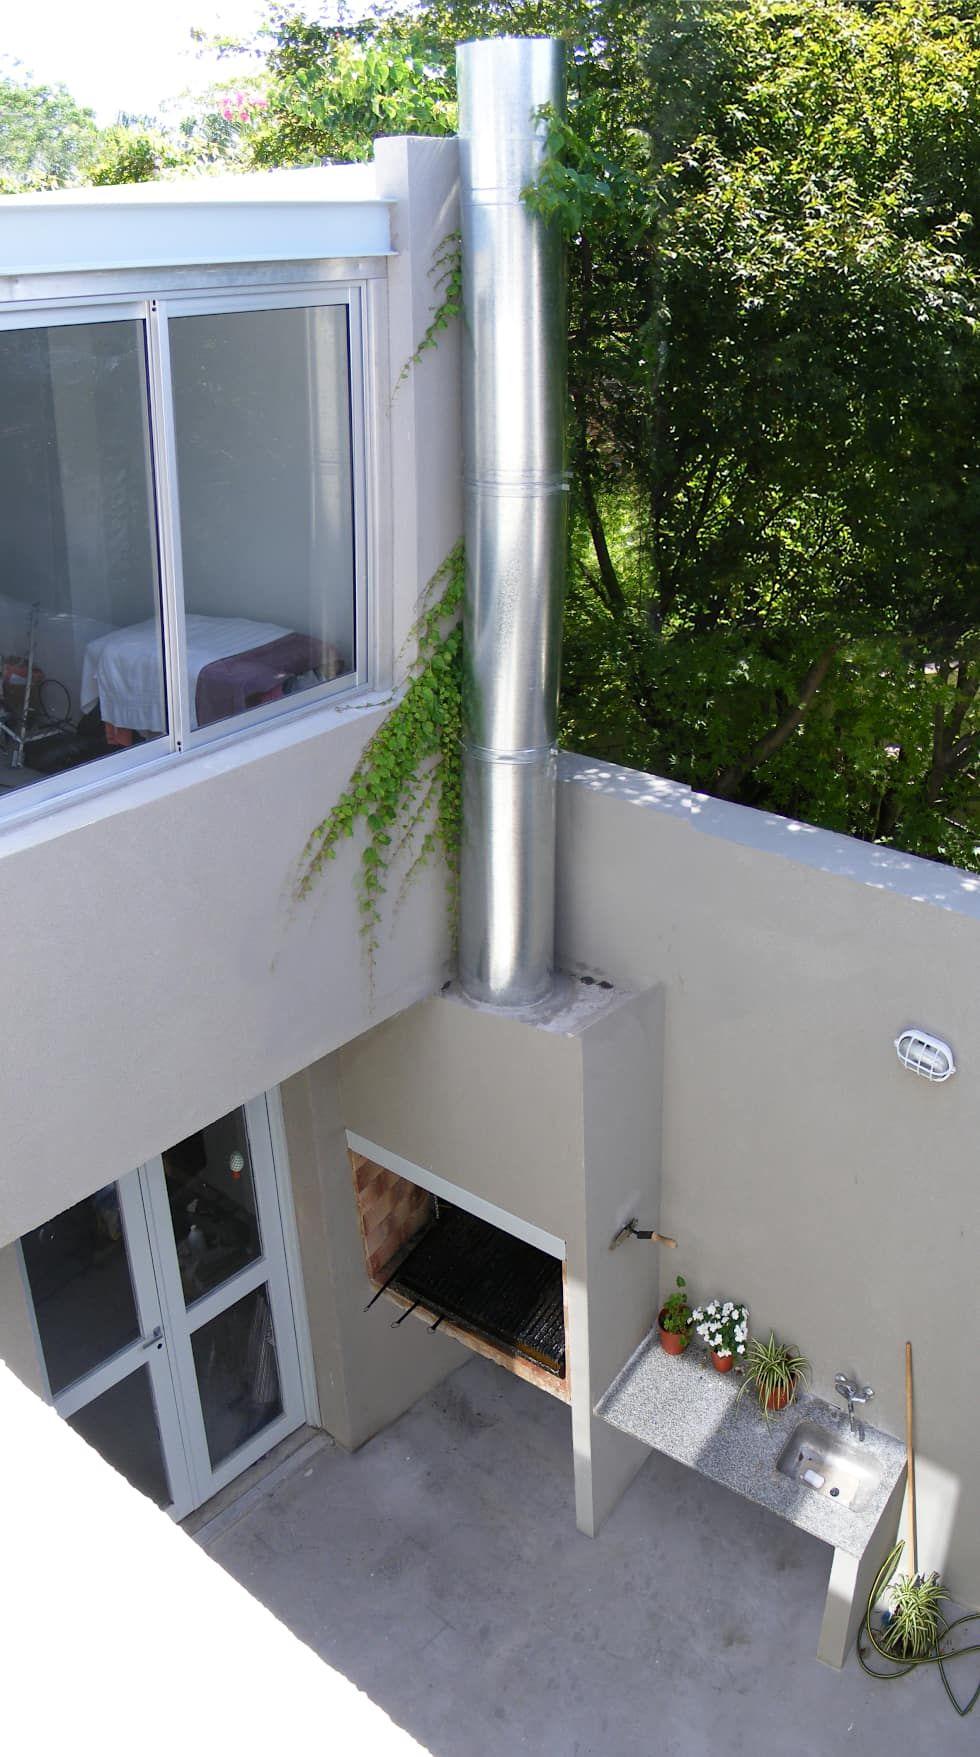 Ph en villa del parque jardines de estilo por perspectiva for Diseno de interiores para apartamentos pequenos